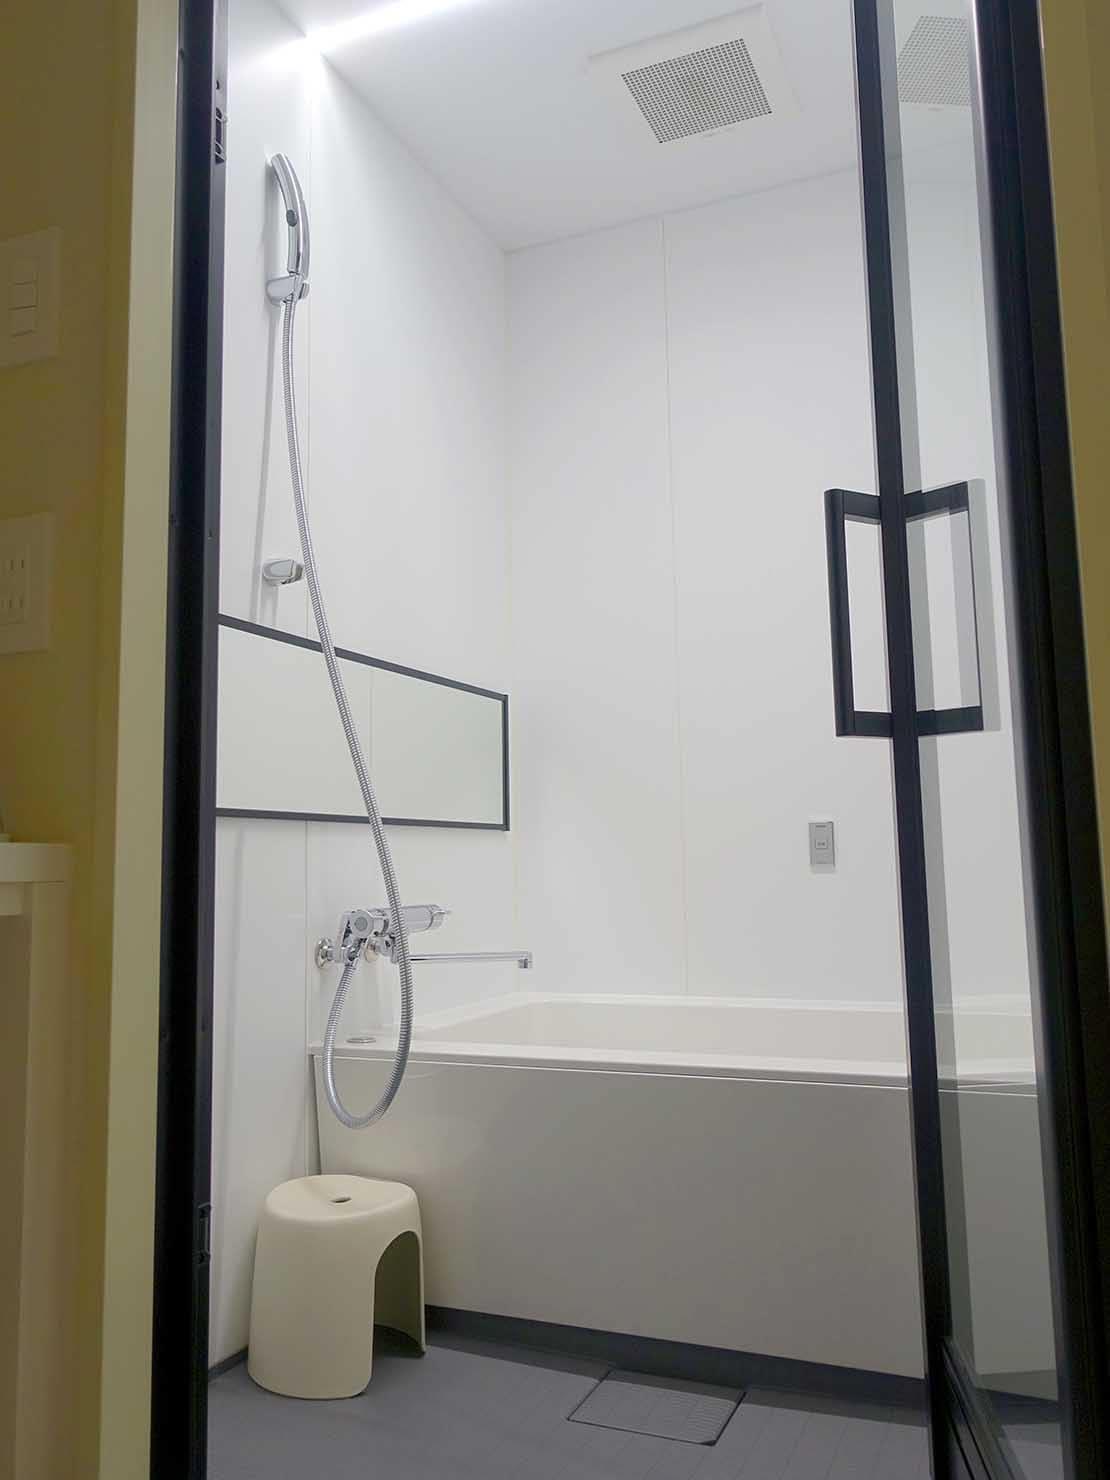 広島・八丁堀のおしゃれなリノベホテル「KIRO広島 The Share Hotels」コンパクトダブルのバスルーム